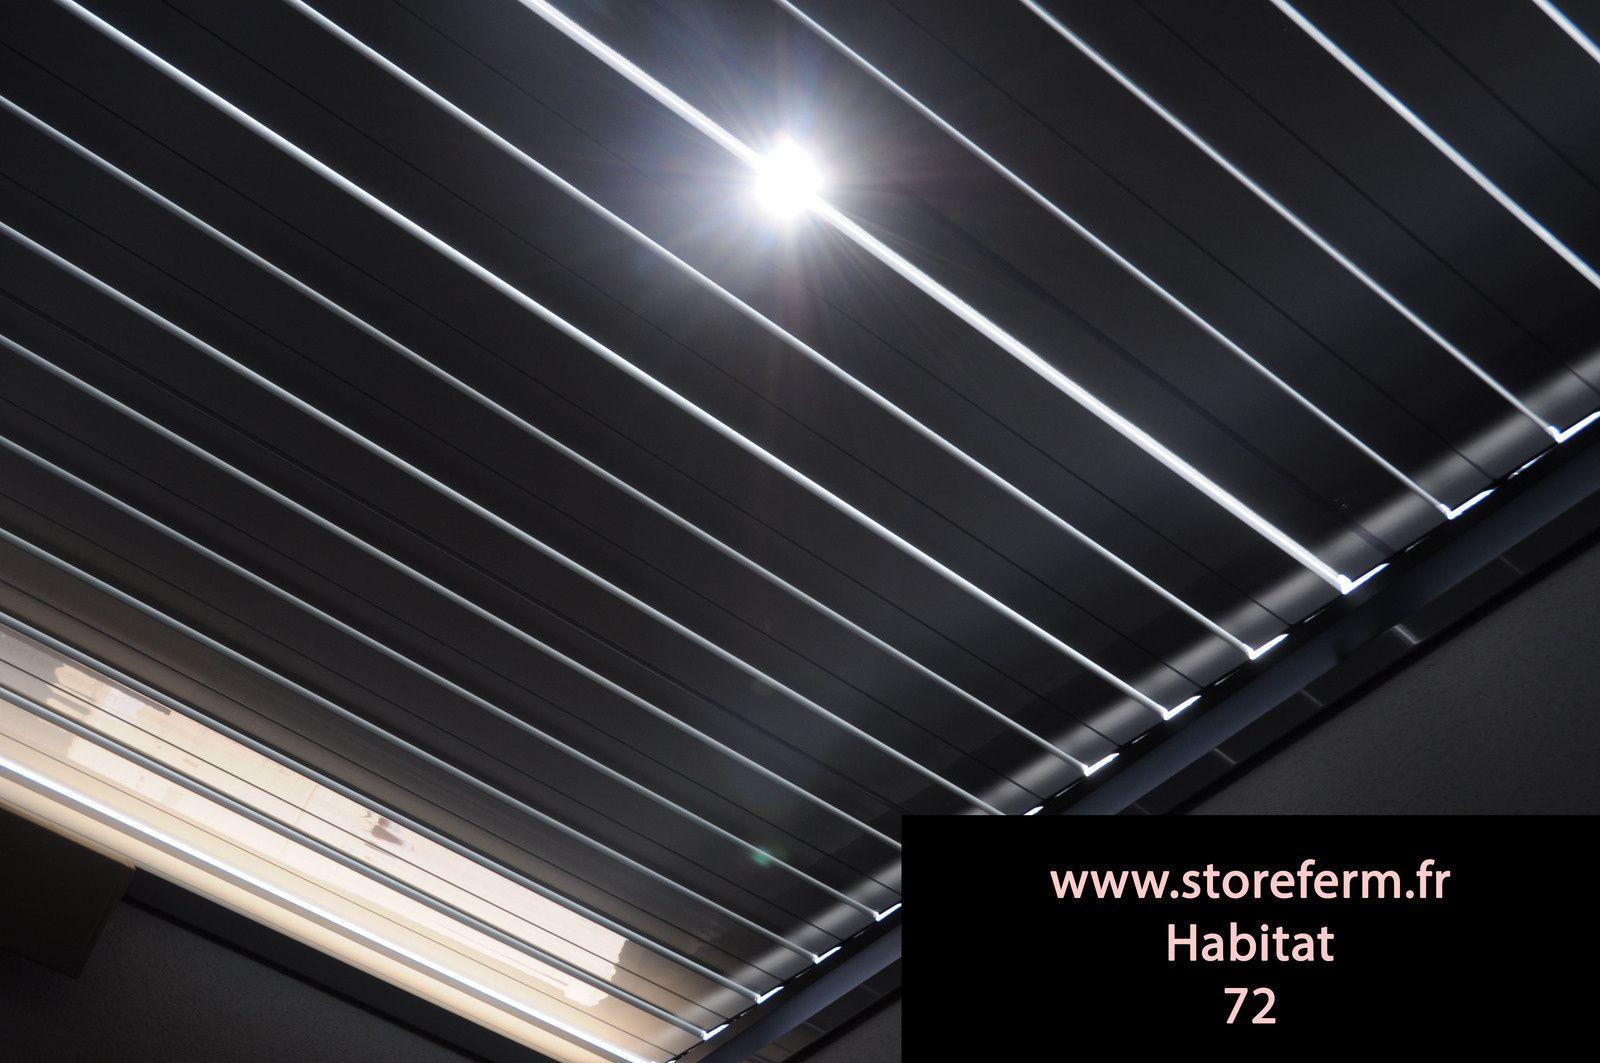 pergola, pergolas, aluminium, sarthe, protection solaire, pergo, pergola bioclimatique, Sarthe, pas cher, expert, savoir faire, maîtrise,